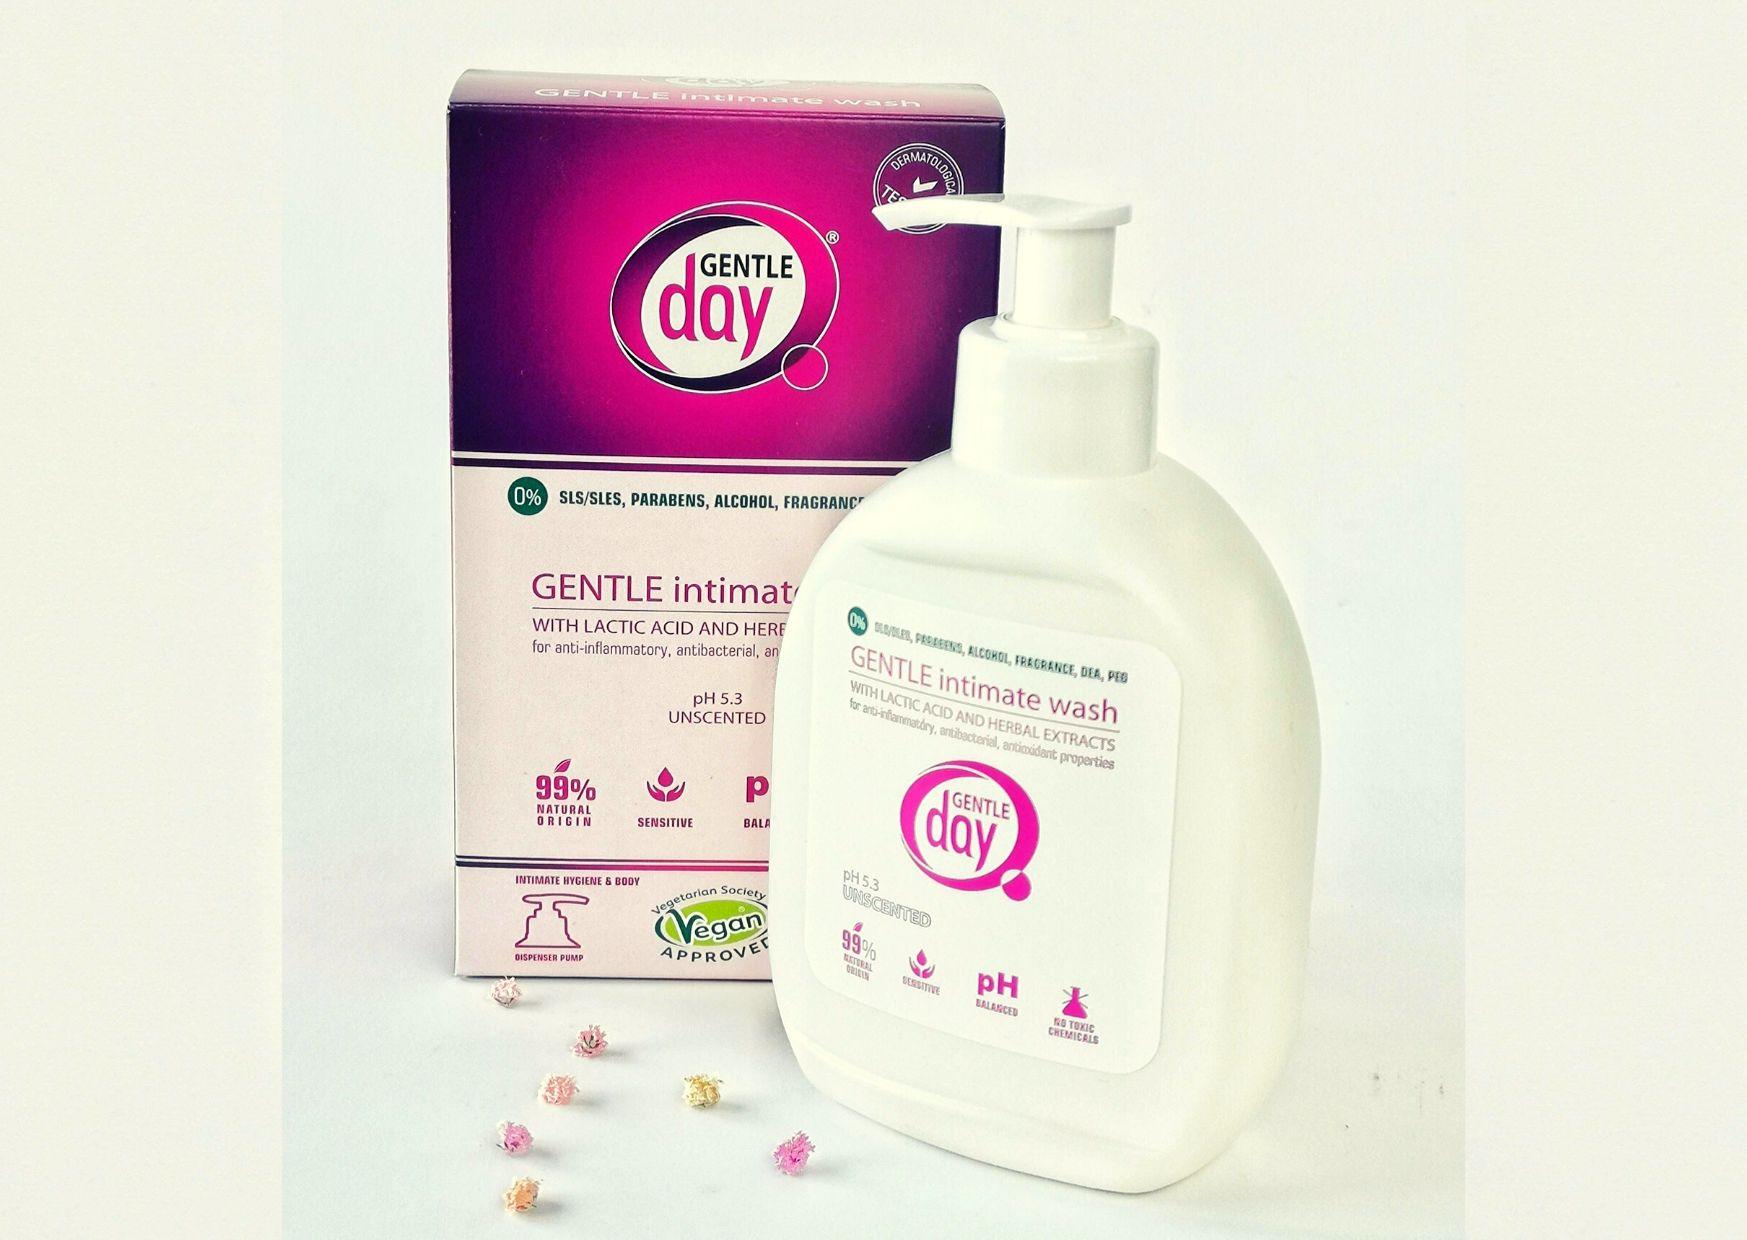 Delikatny płyn do higieny intymnej Gentle Day